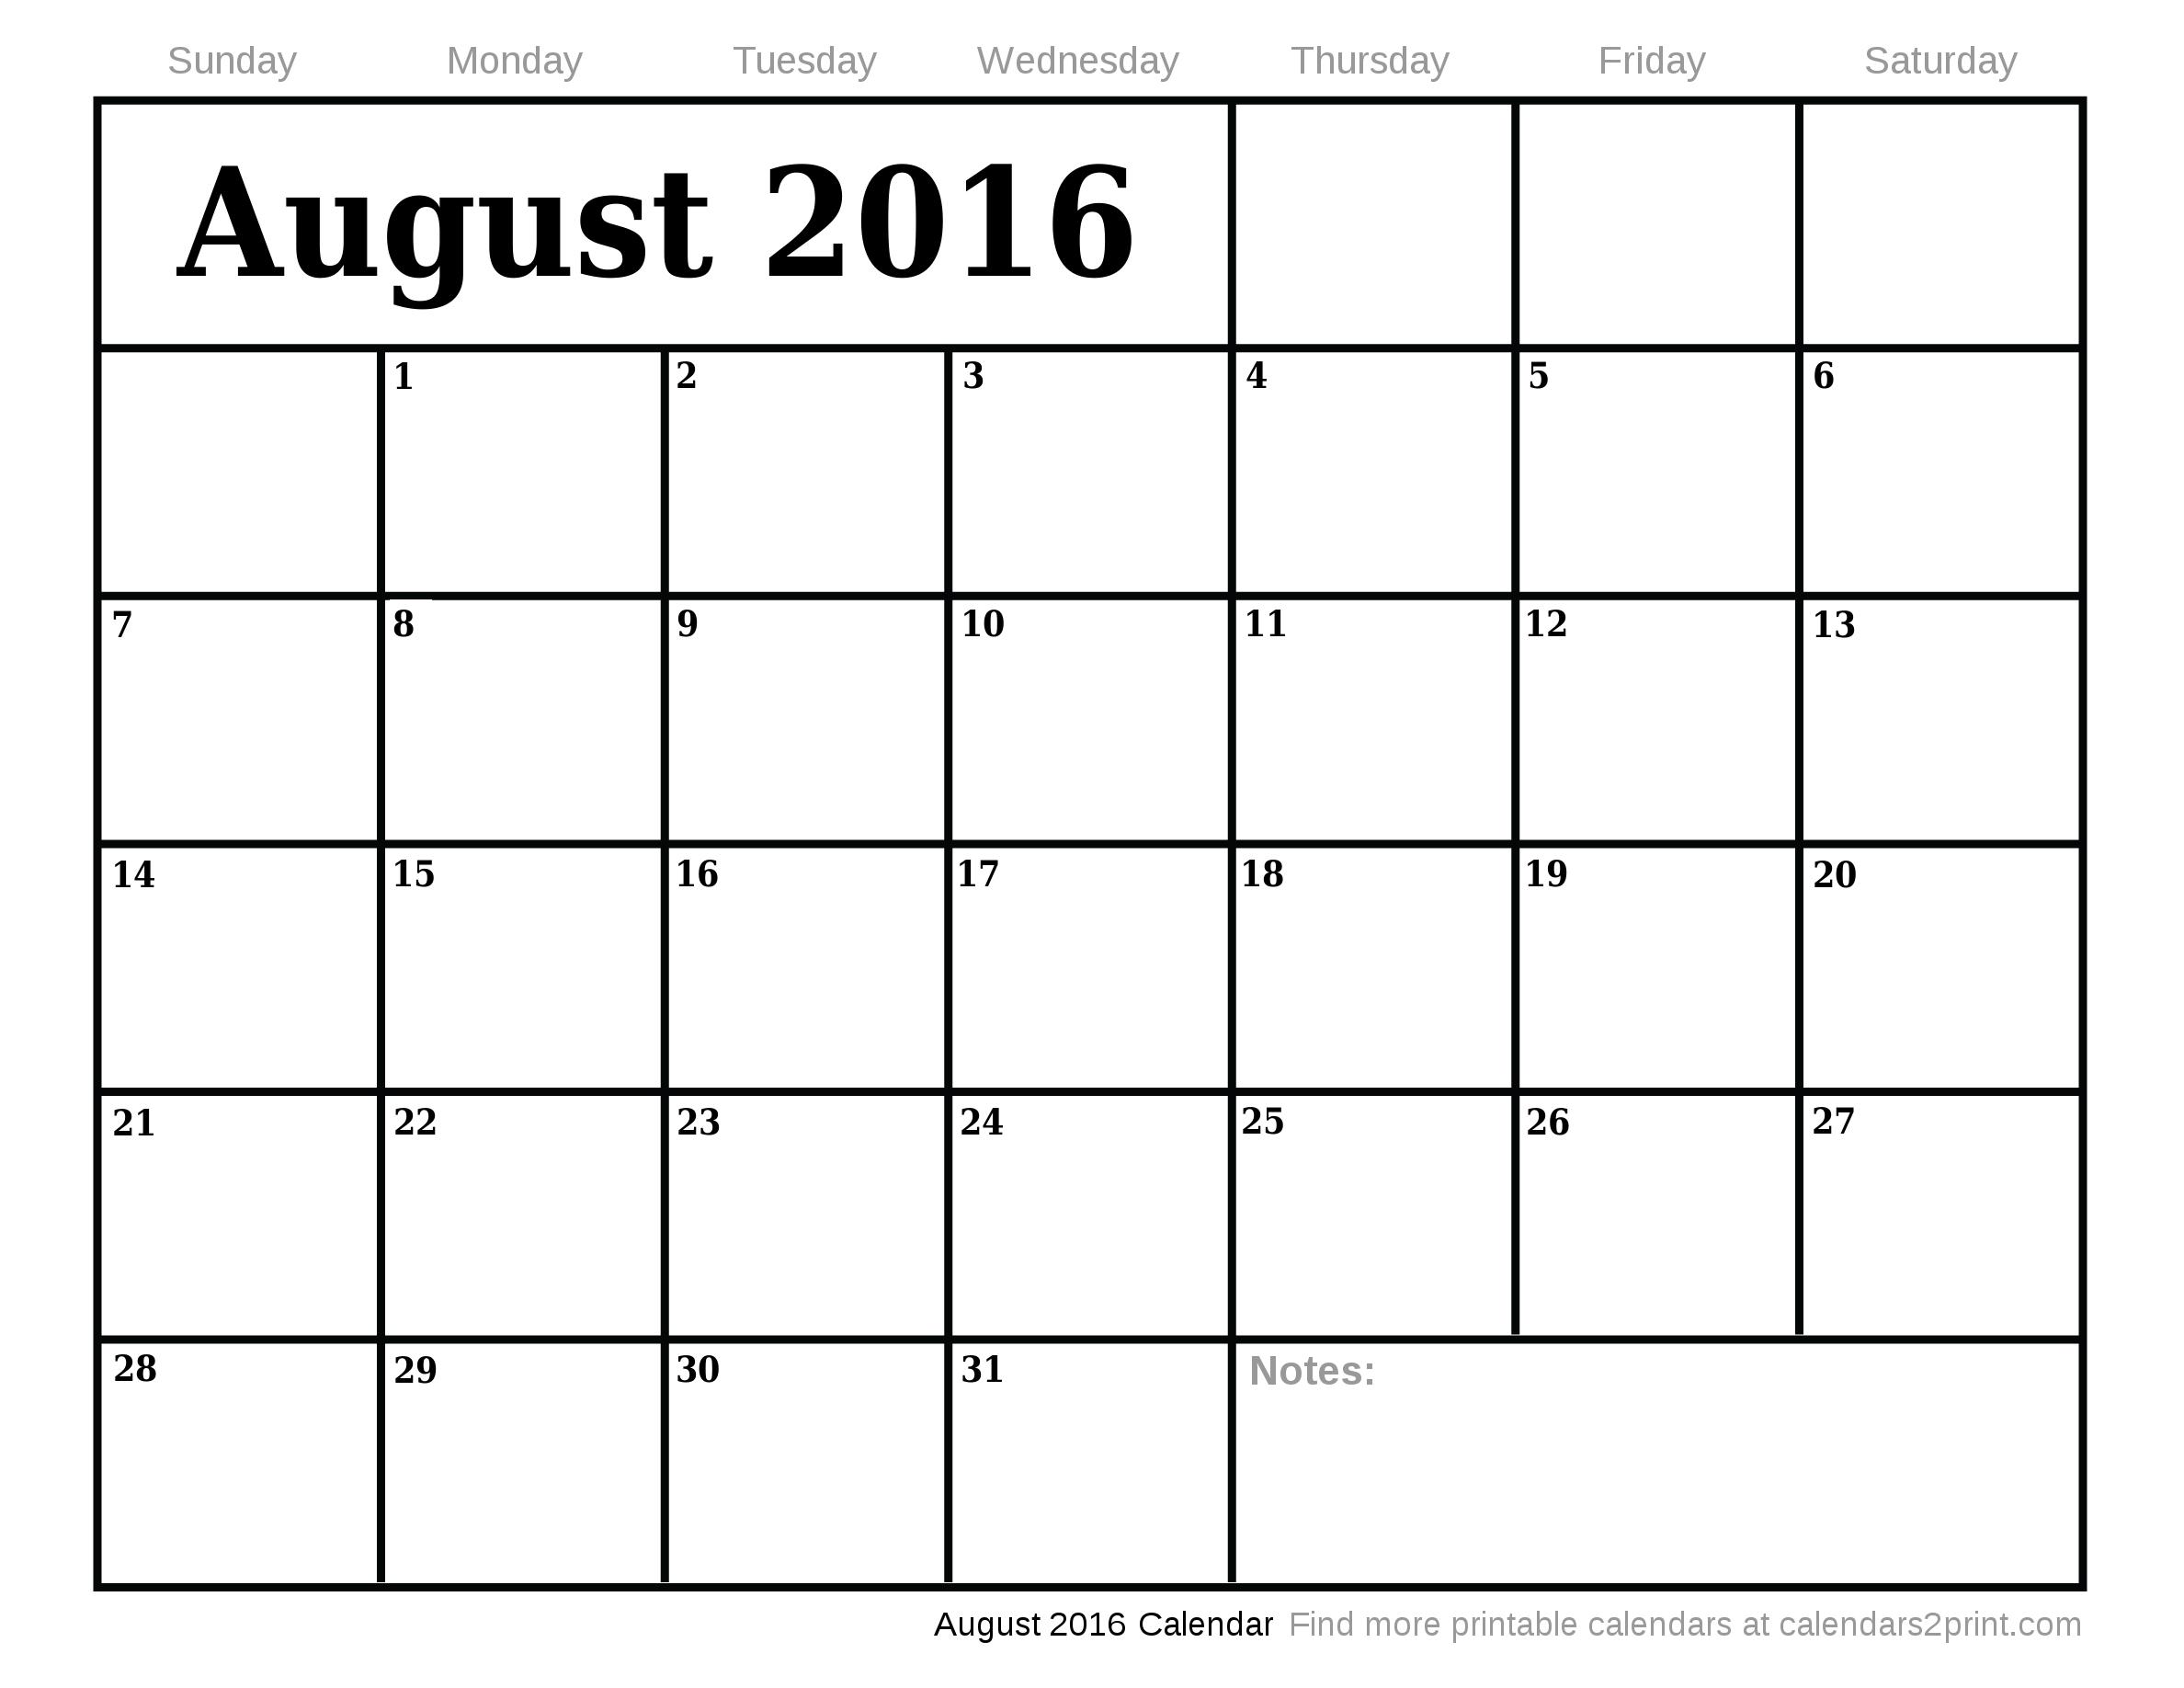 July 2016 Calendar | September 2016 Calendar »